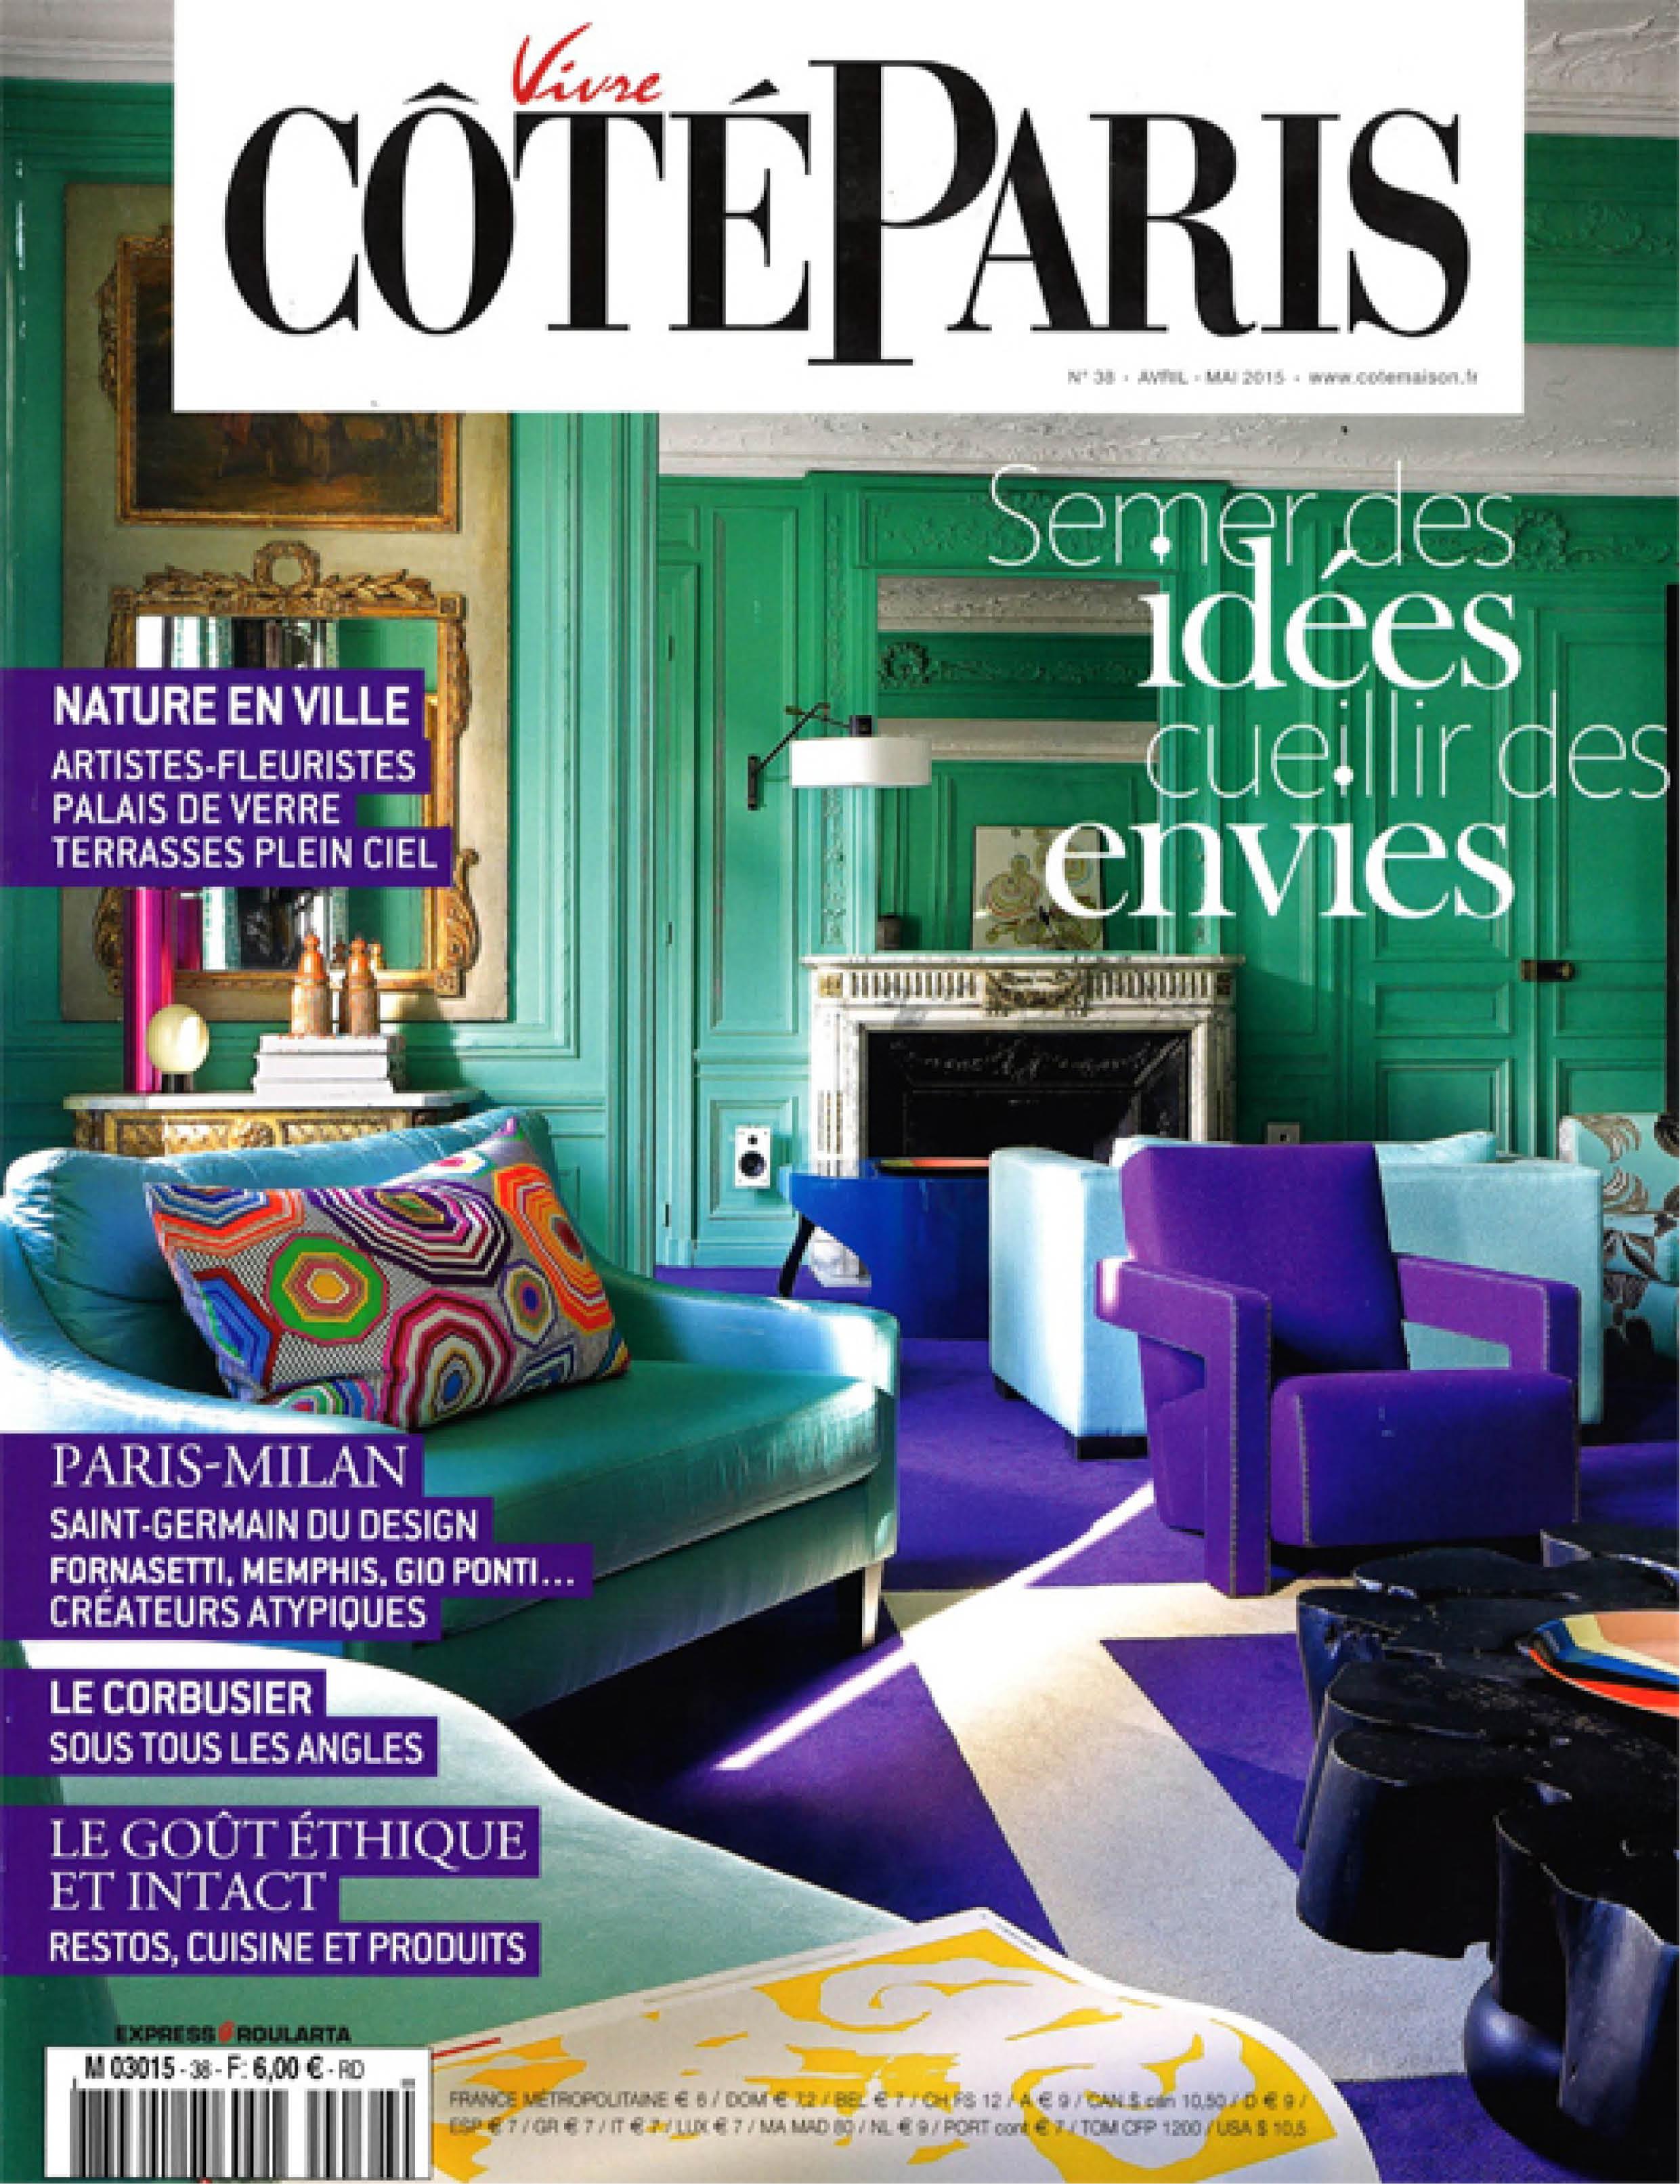 VIVRE COTE PARIS - 2015 couverture